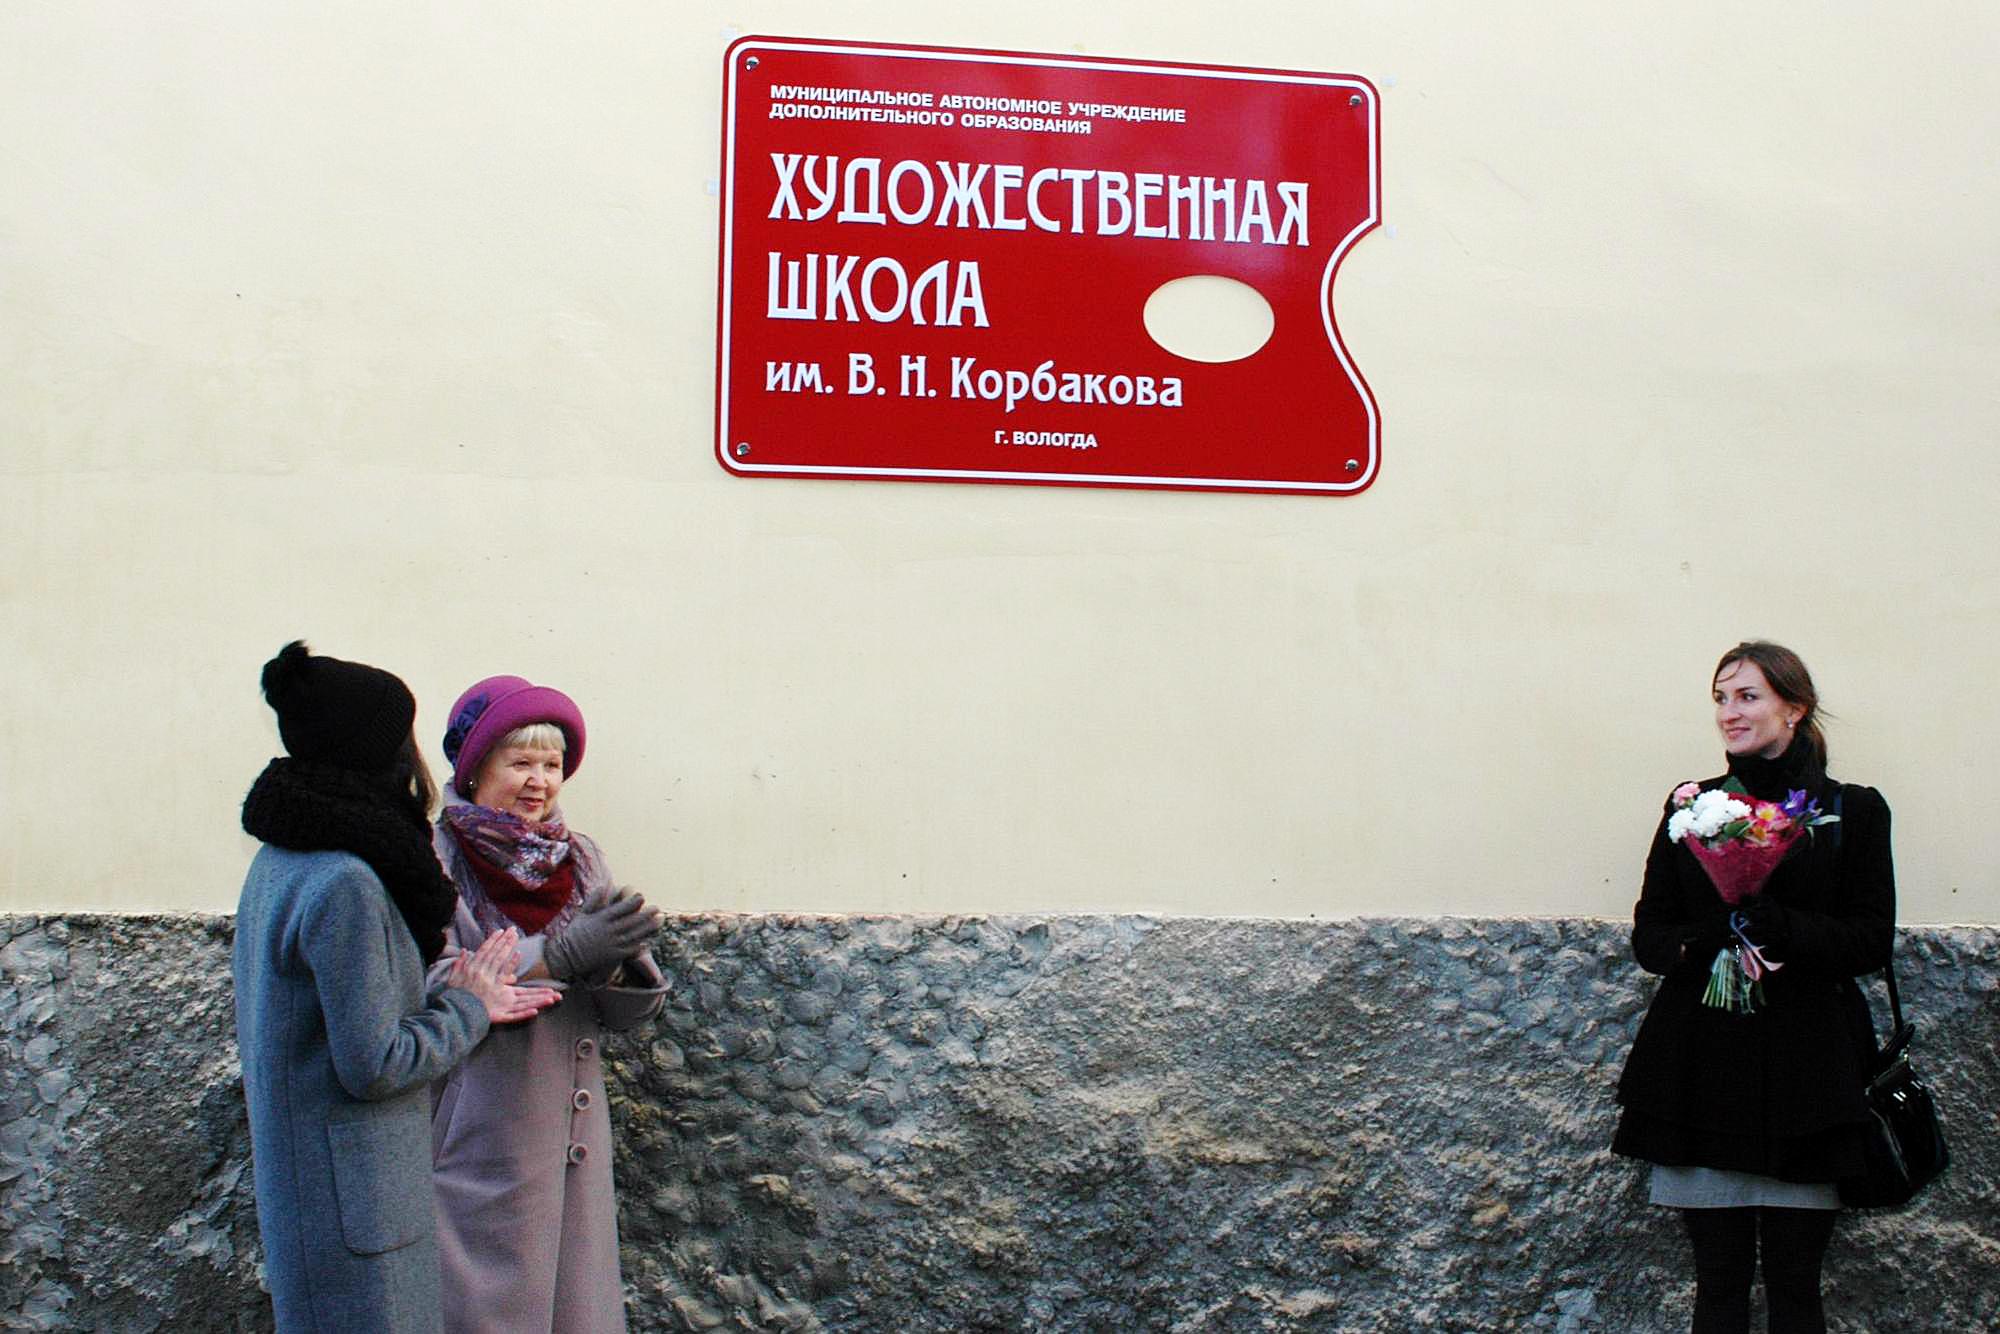 В Вологде художественной школе присвоили имя Корбакова